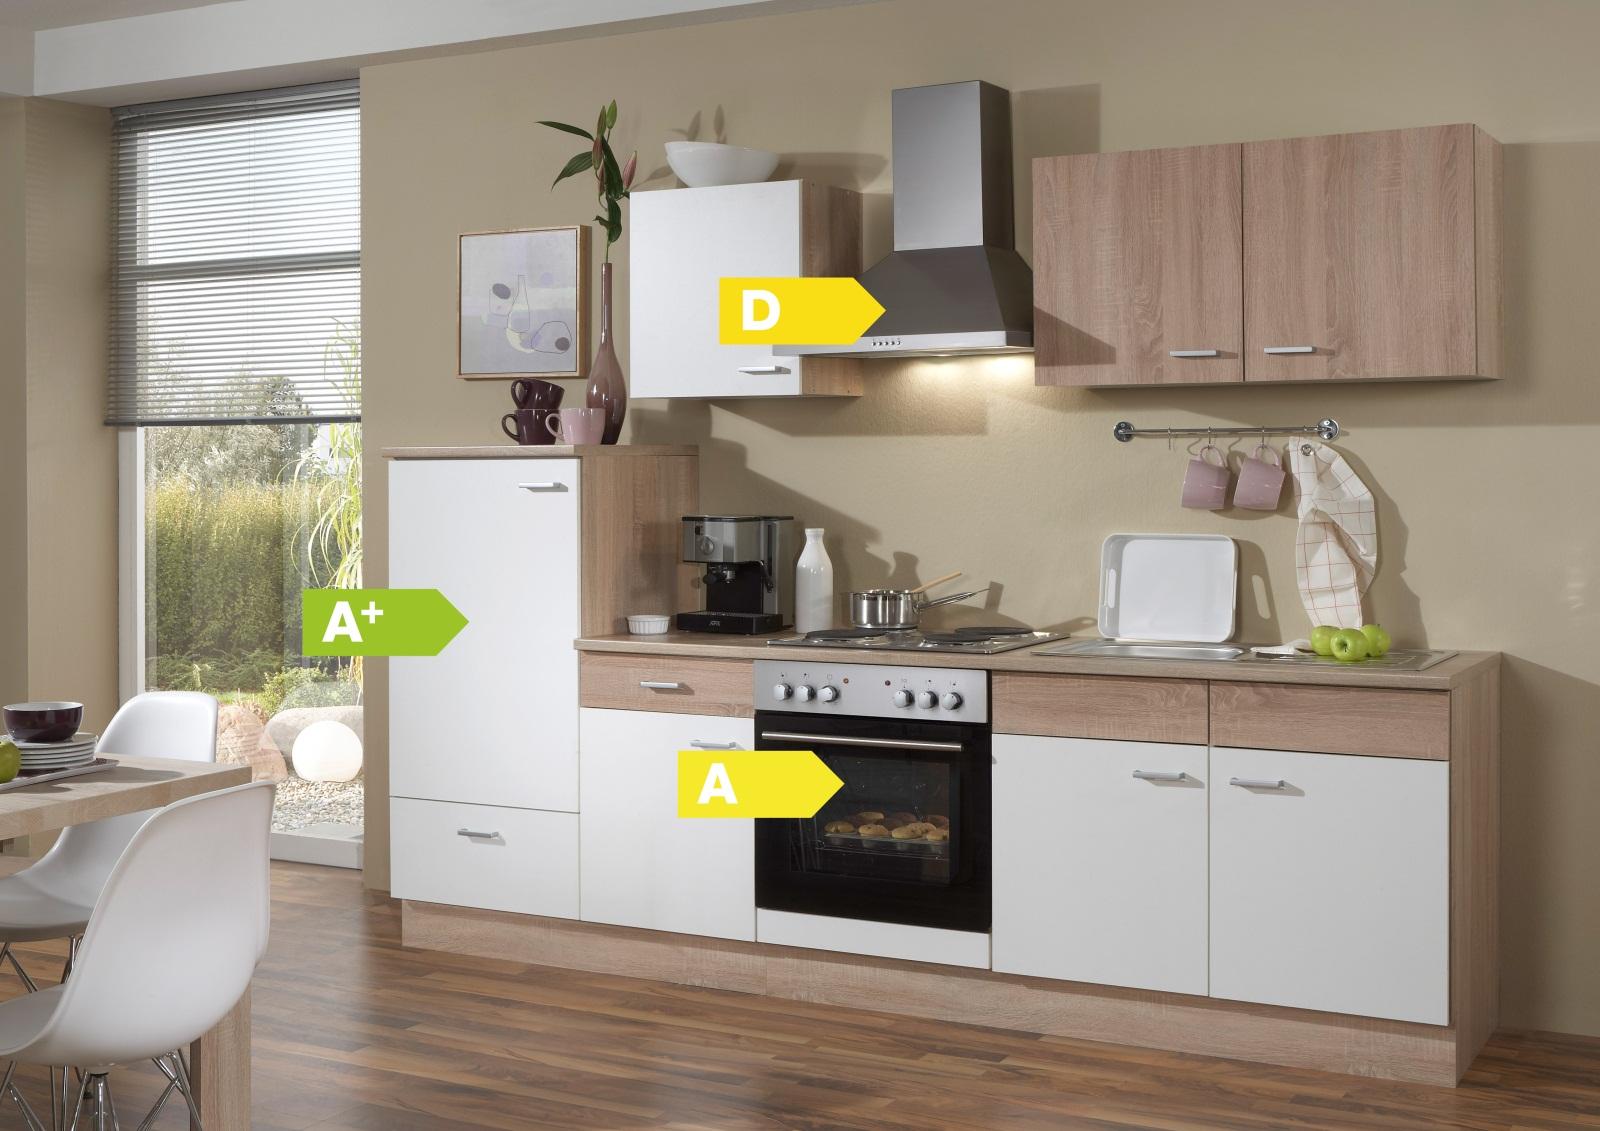 Menke Küchen Küchenzeile Sonja 270 cm ohne Geschirrspüler